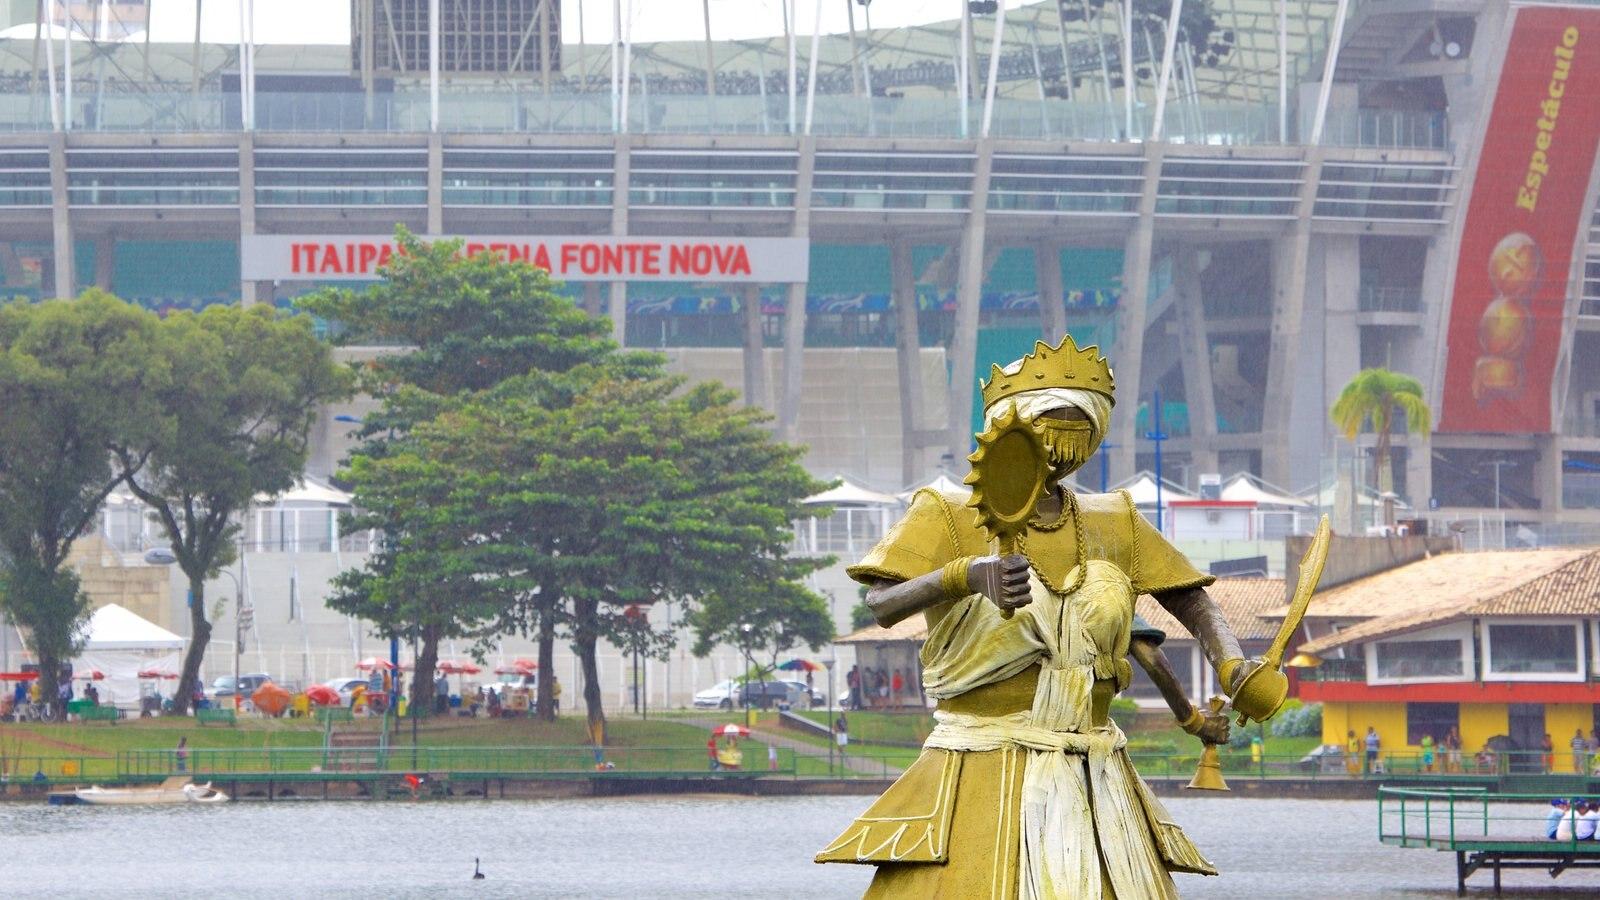 Estádio Fonte Nova caracterizando uma estátua ou escultura e um lago ou charco